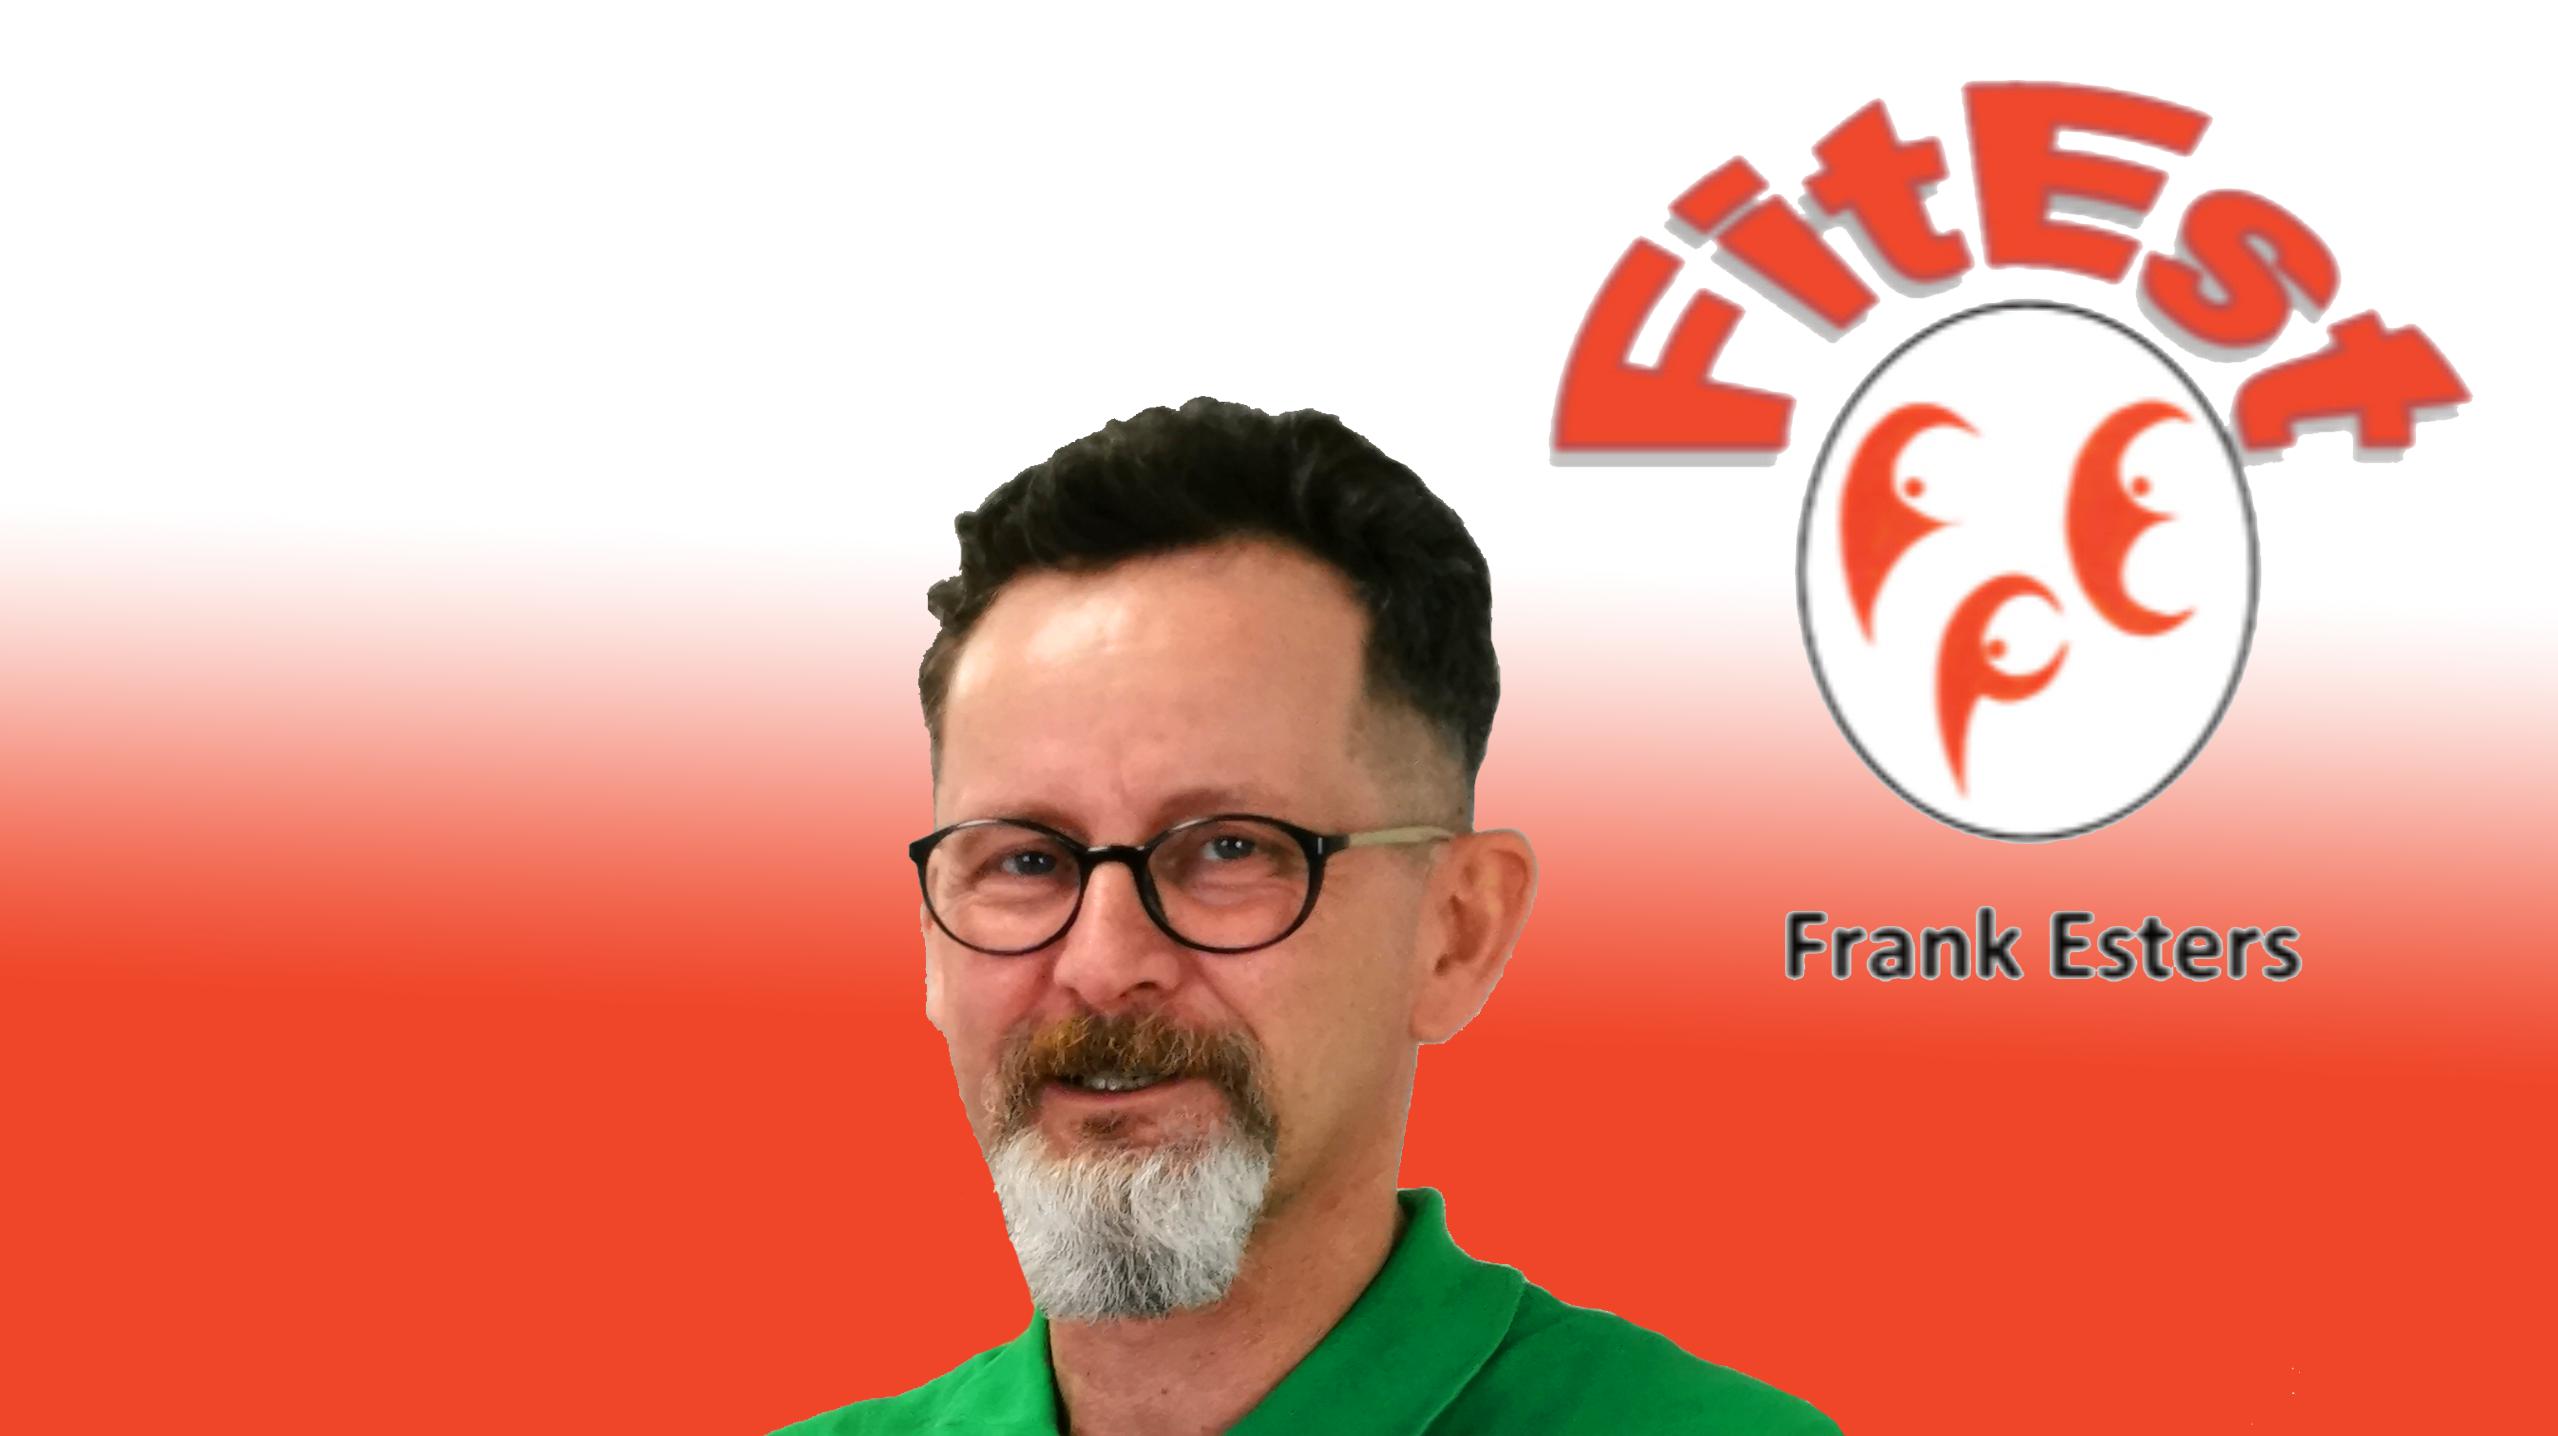 Frank Esters